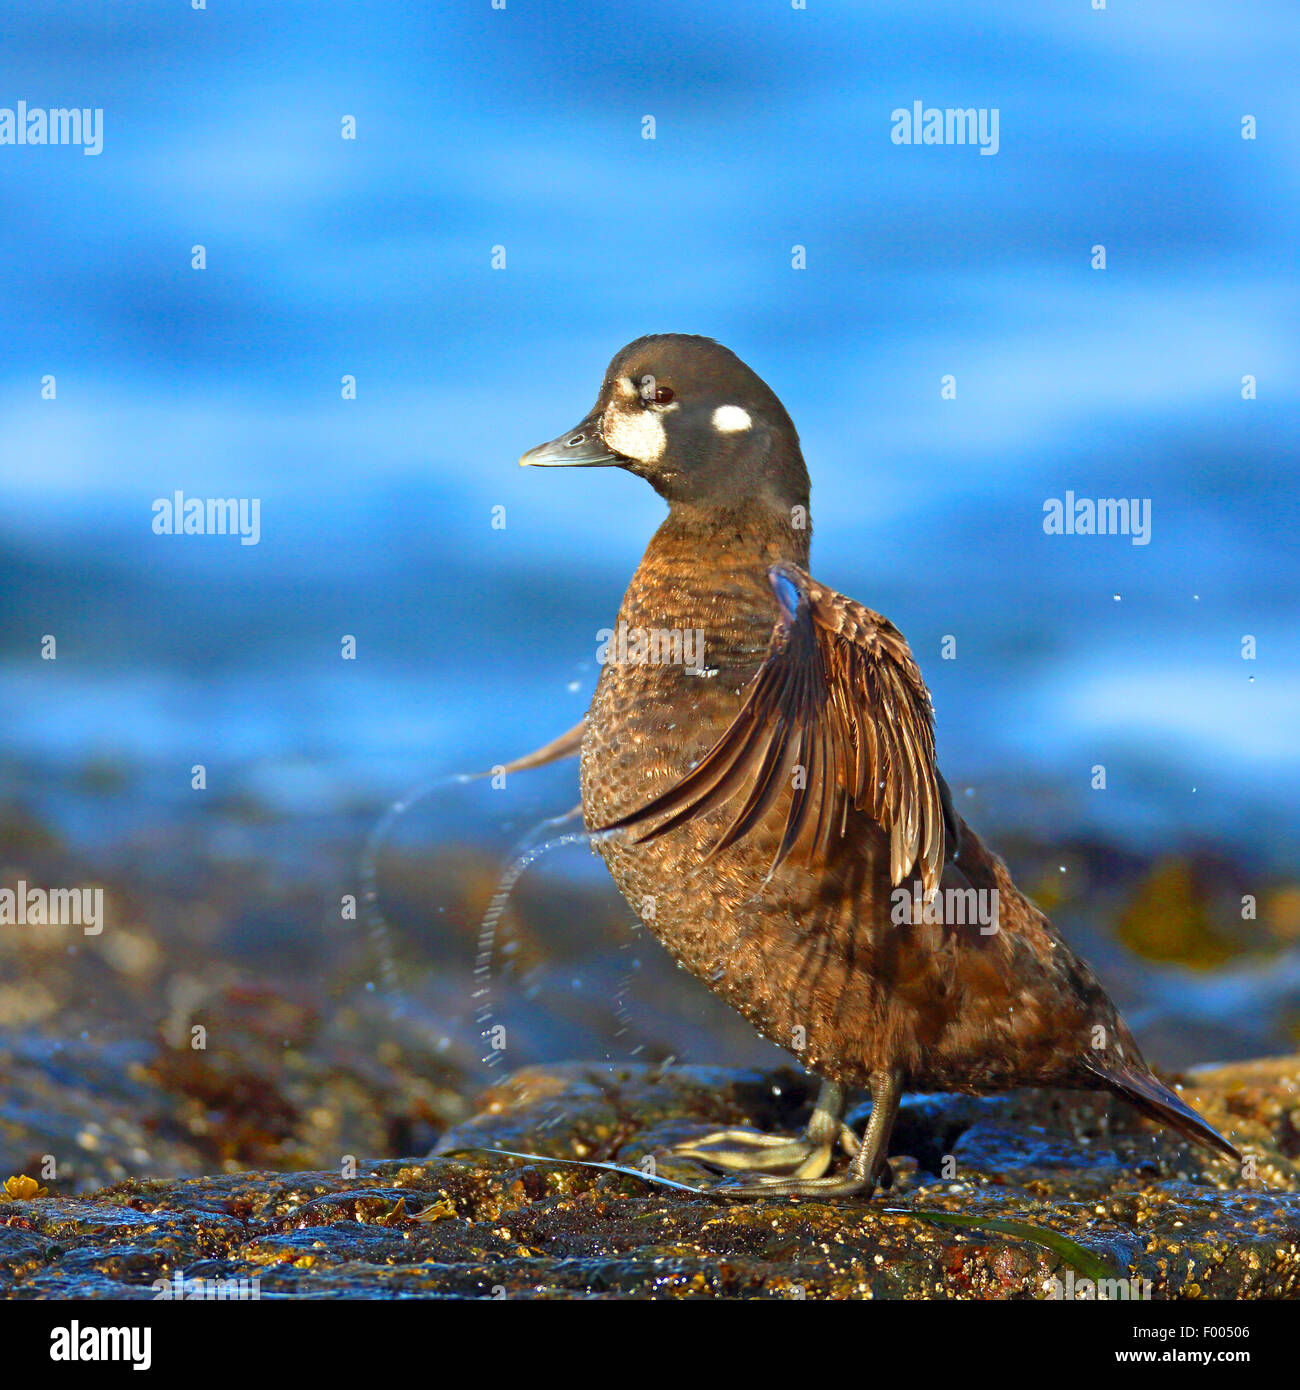 El pato arlequín (Histrionicus histrionicus), hembra se alza sobre una roca en el mar batir las alas, el Canadá, Imagen De Stock